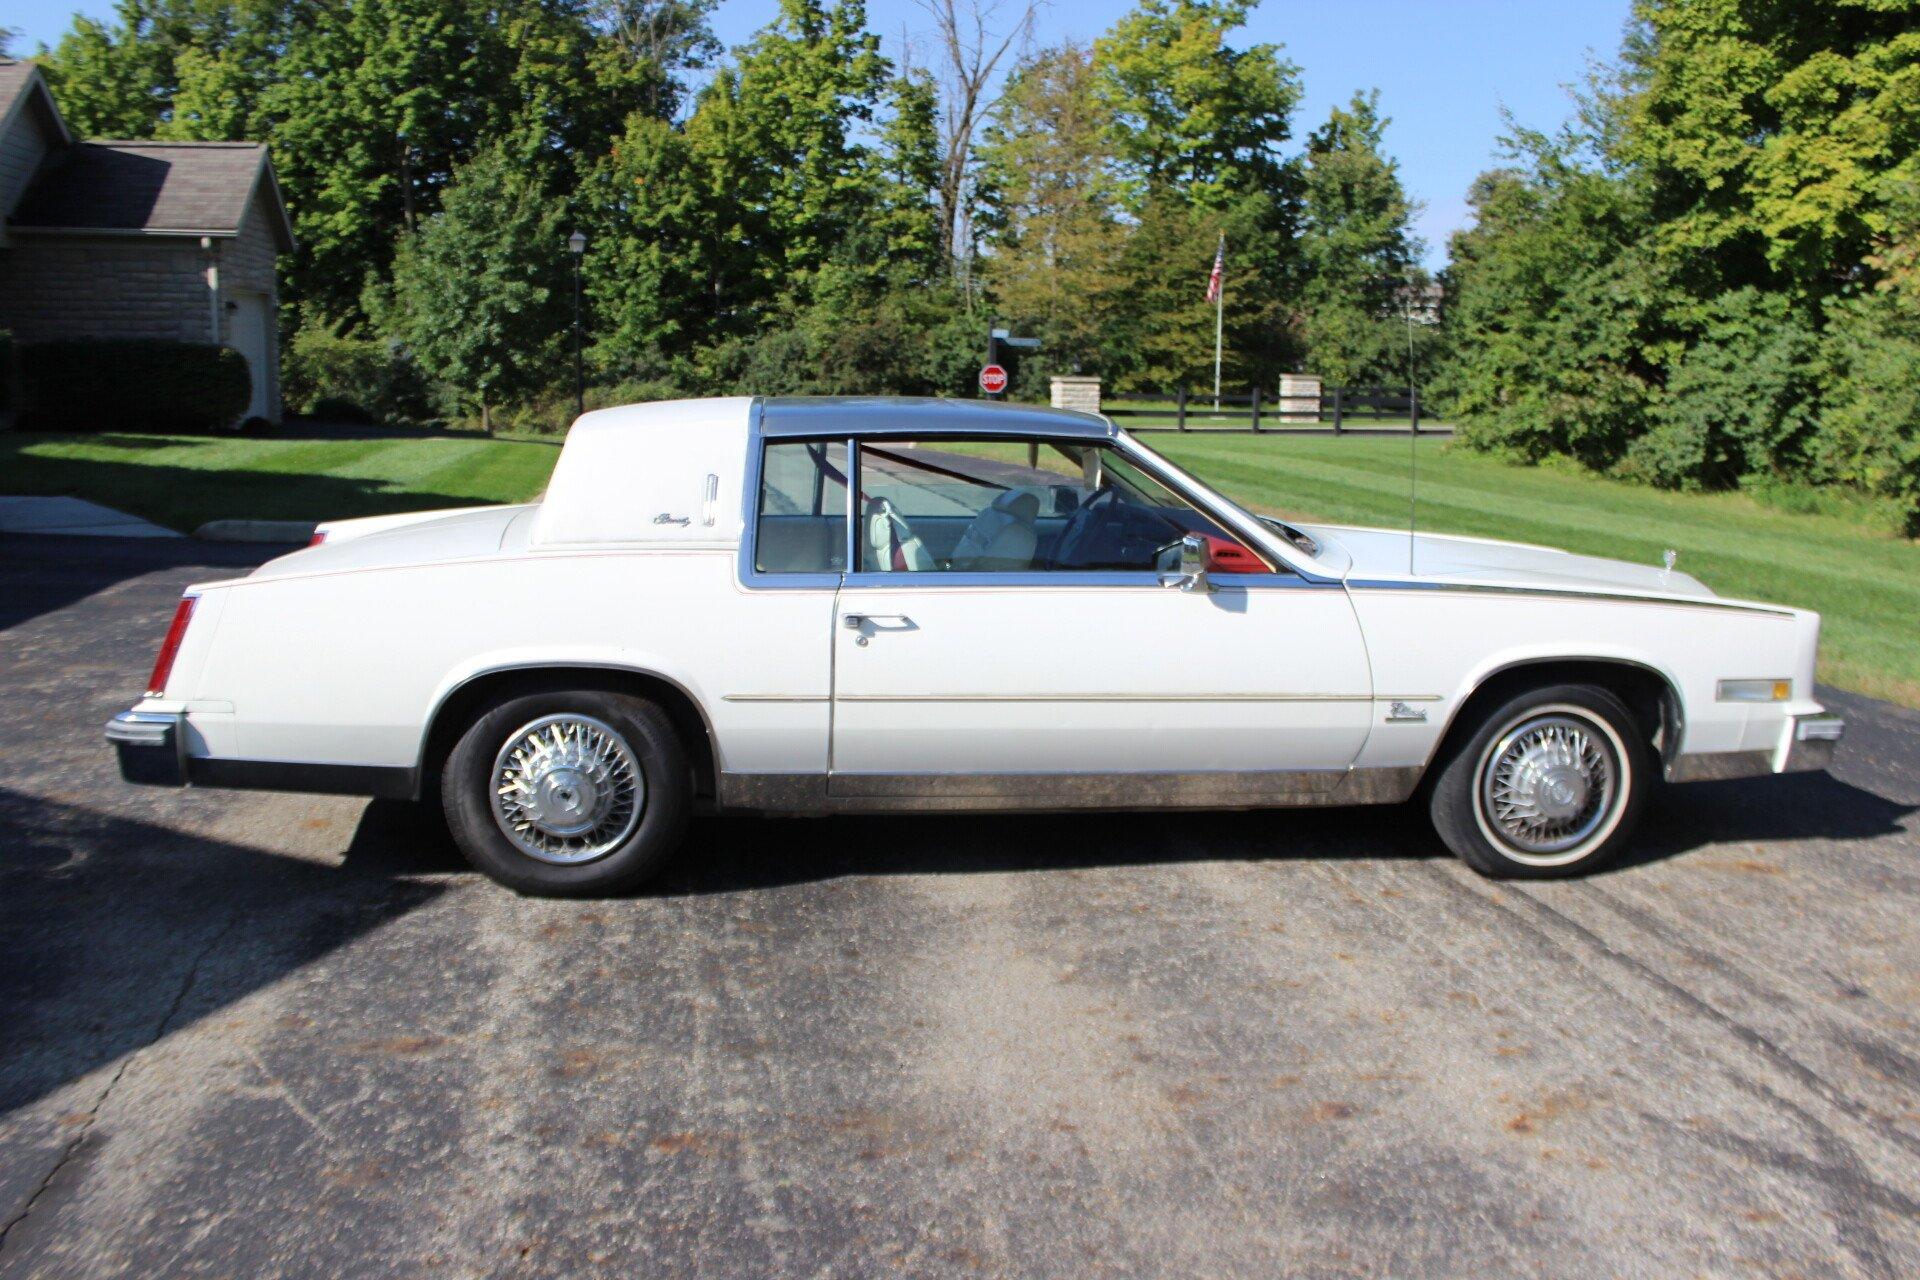 1980 cadillac eldorado classics for sale classics on autotrader Cadillac Eldorado Truck